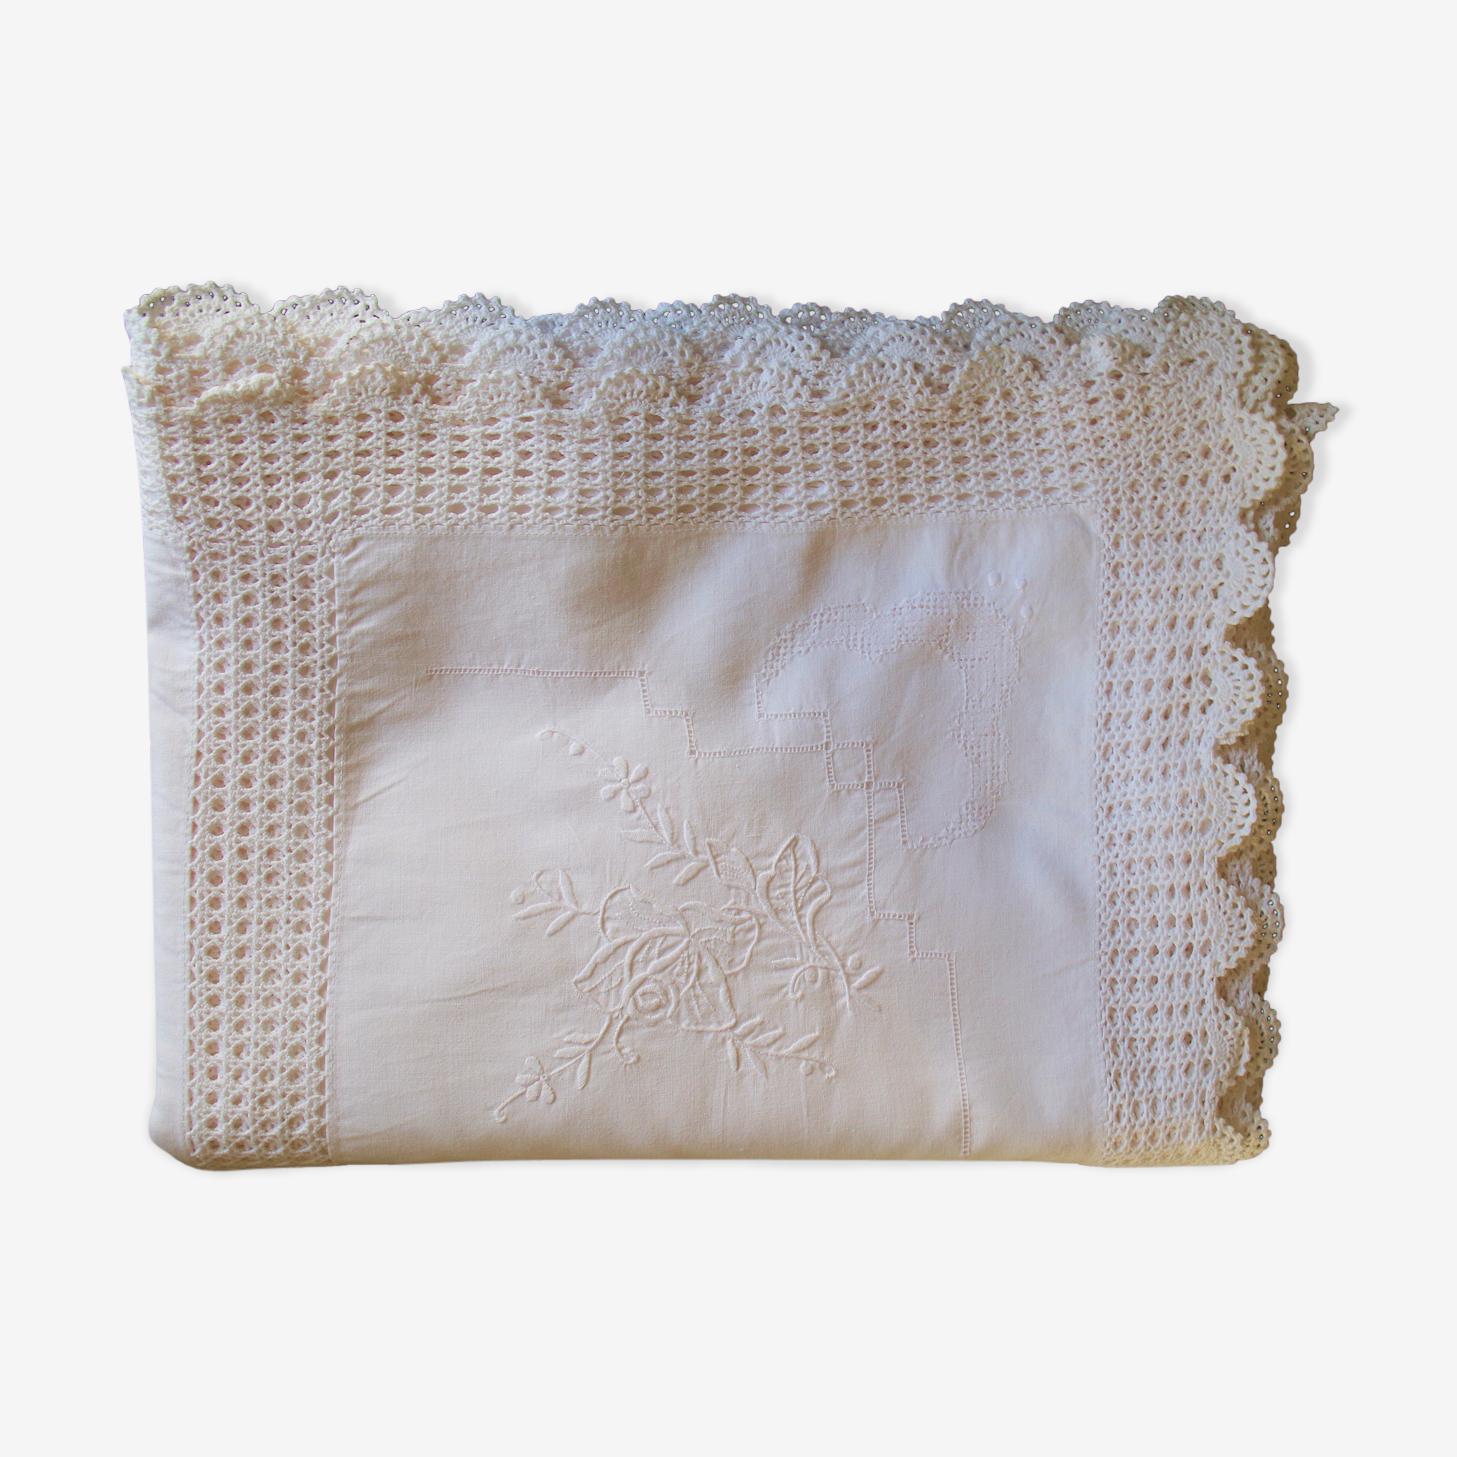 Nappe brodée en coton blanc